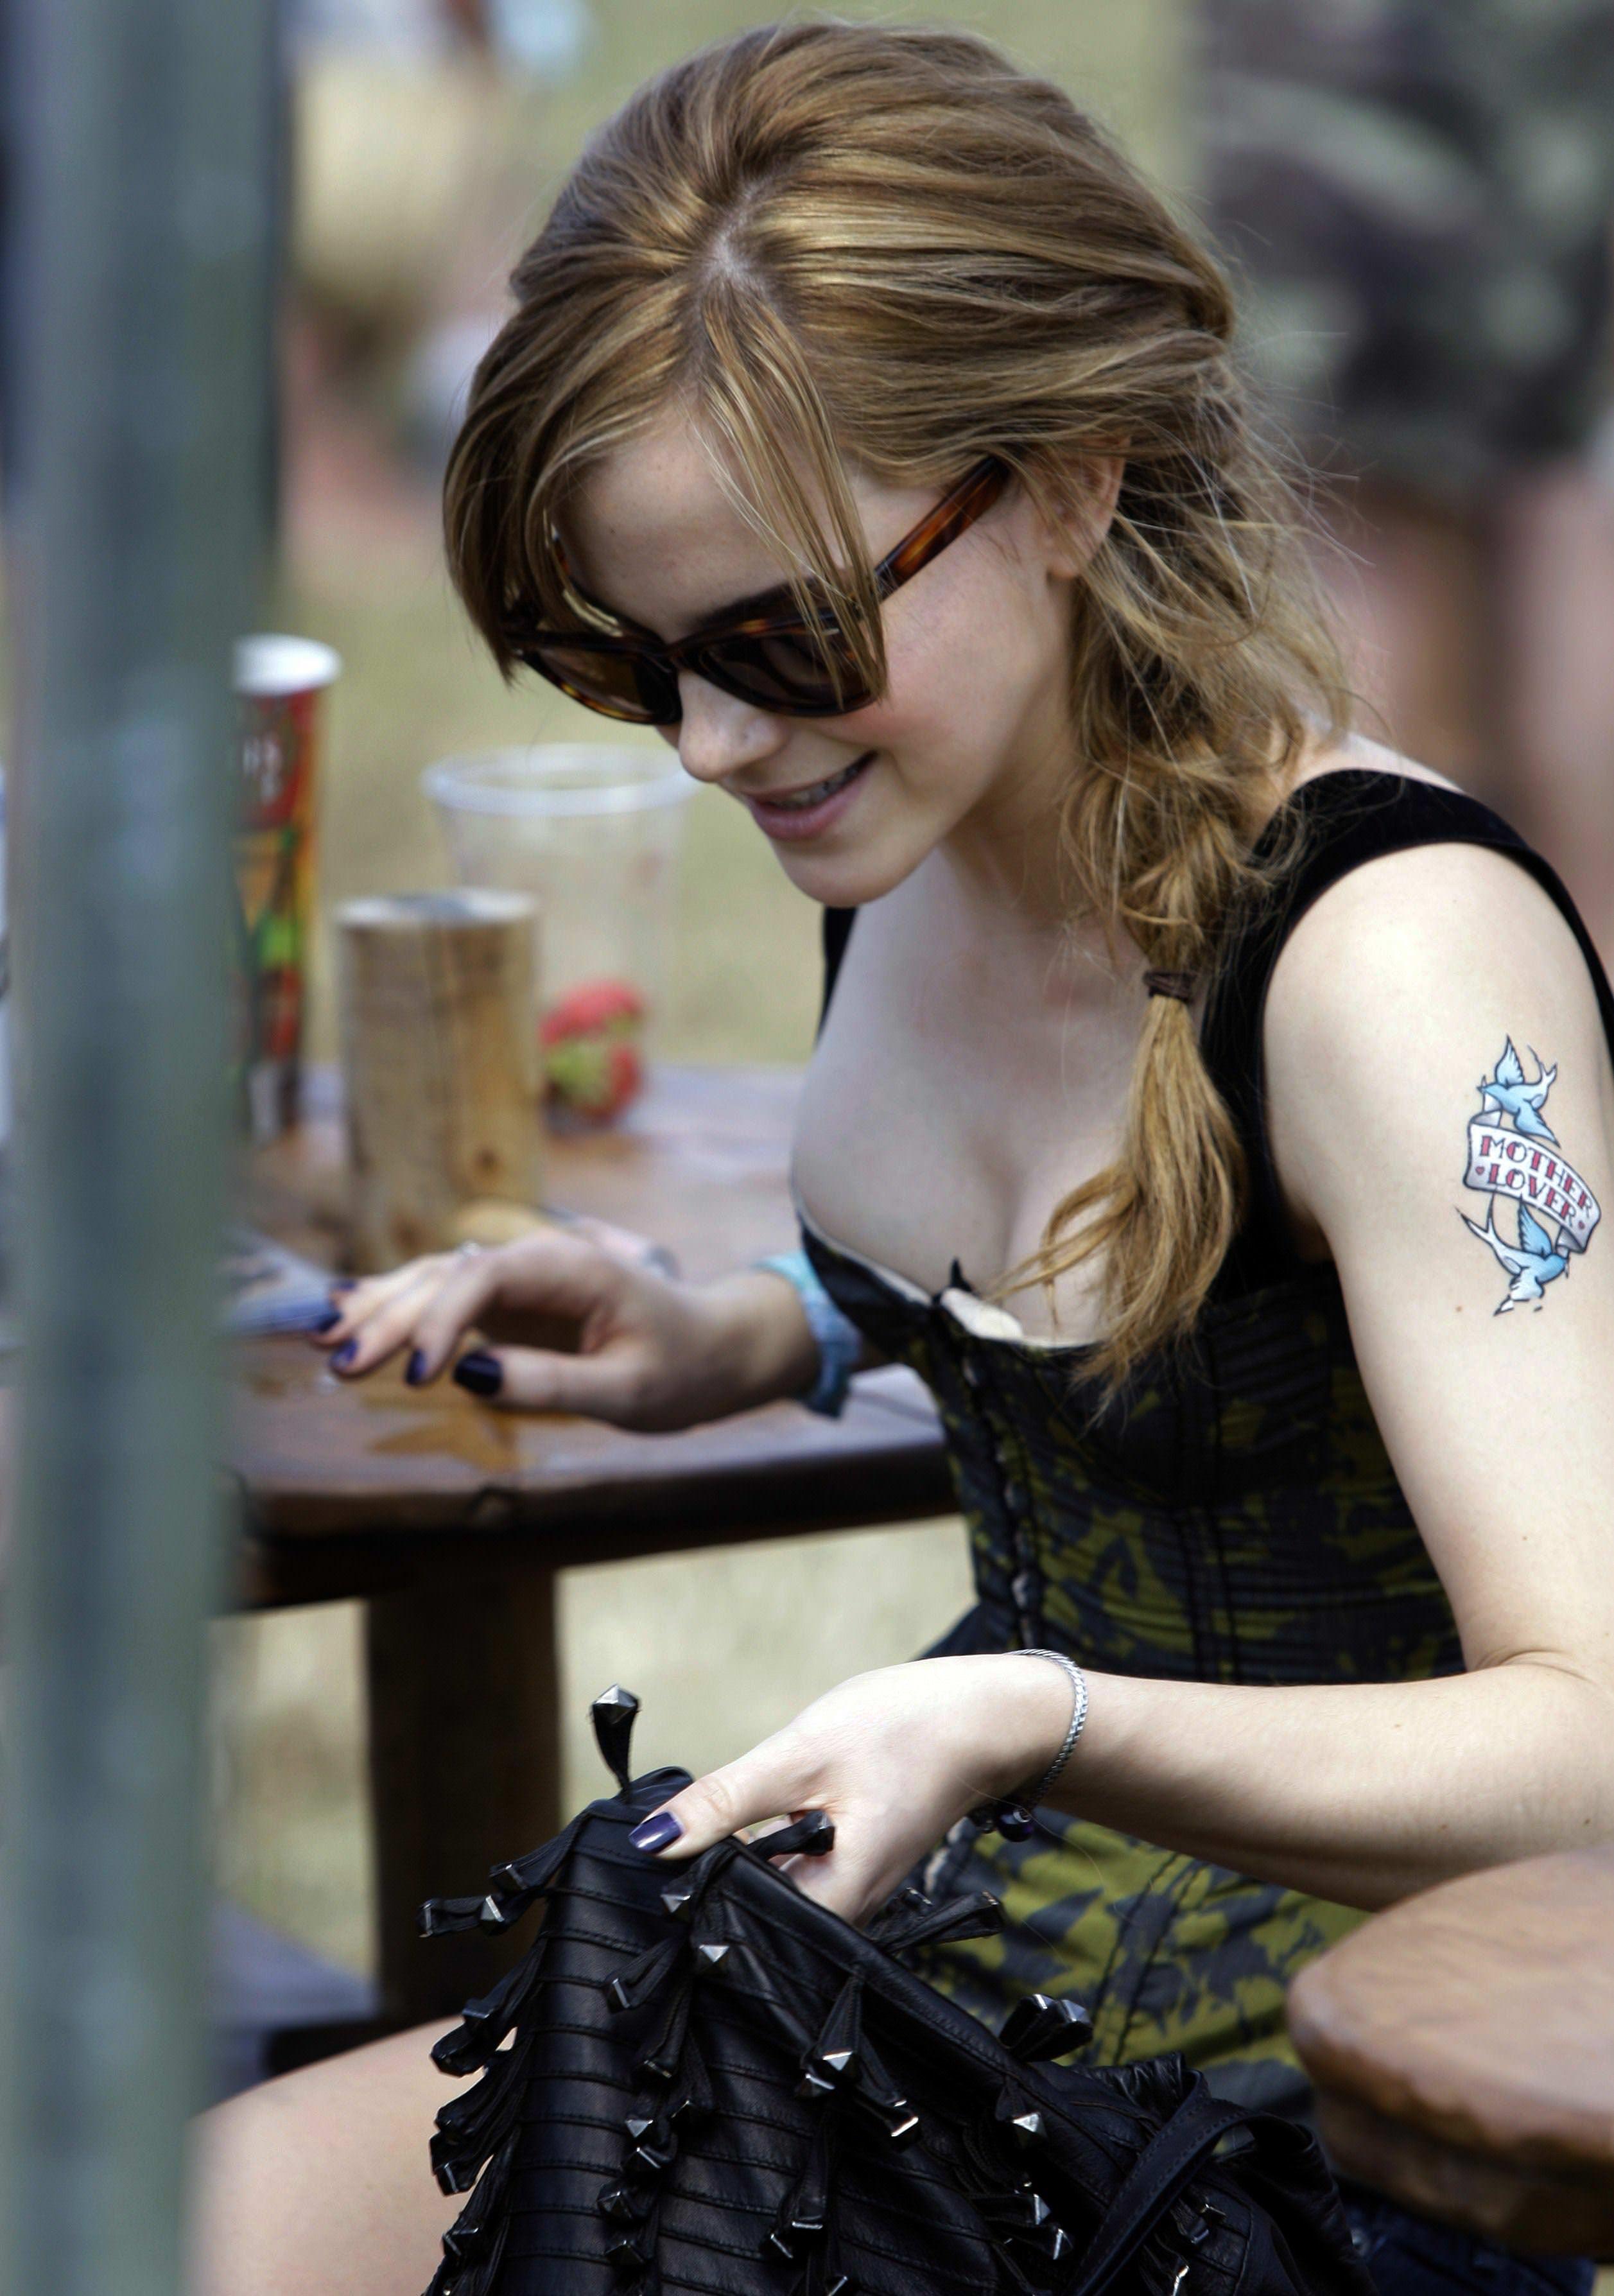 【外人】激カワセレブのエマ・ワトソン(Emma Watson)の胸チラぽろりなおっぱい流出ポルノ画像 455